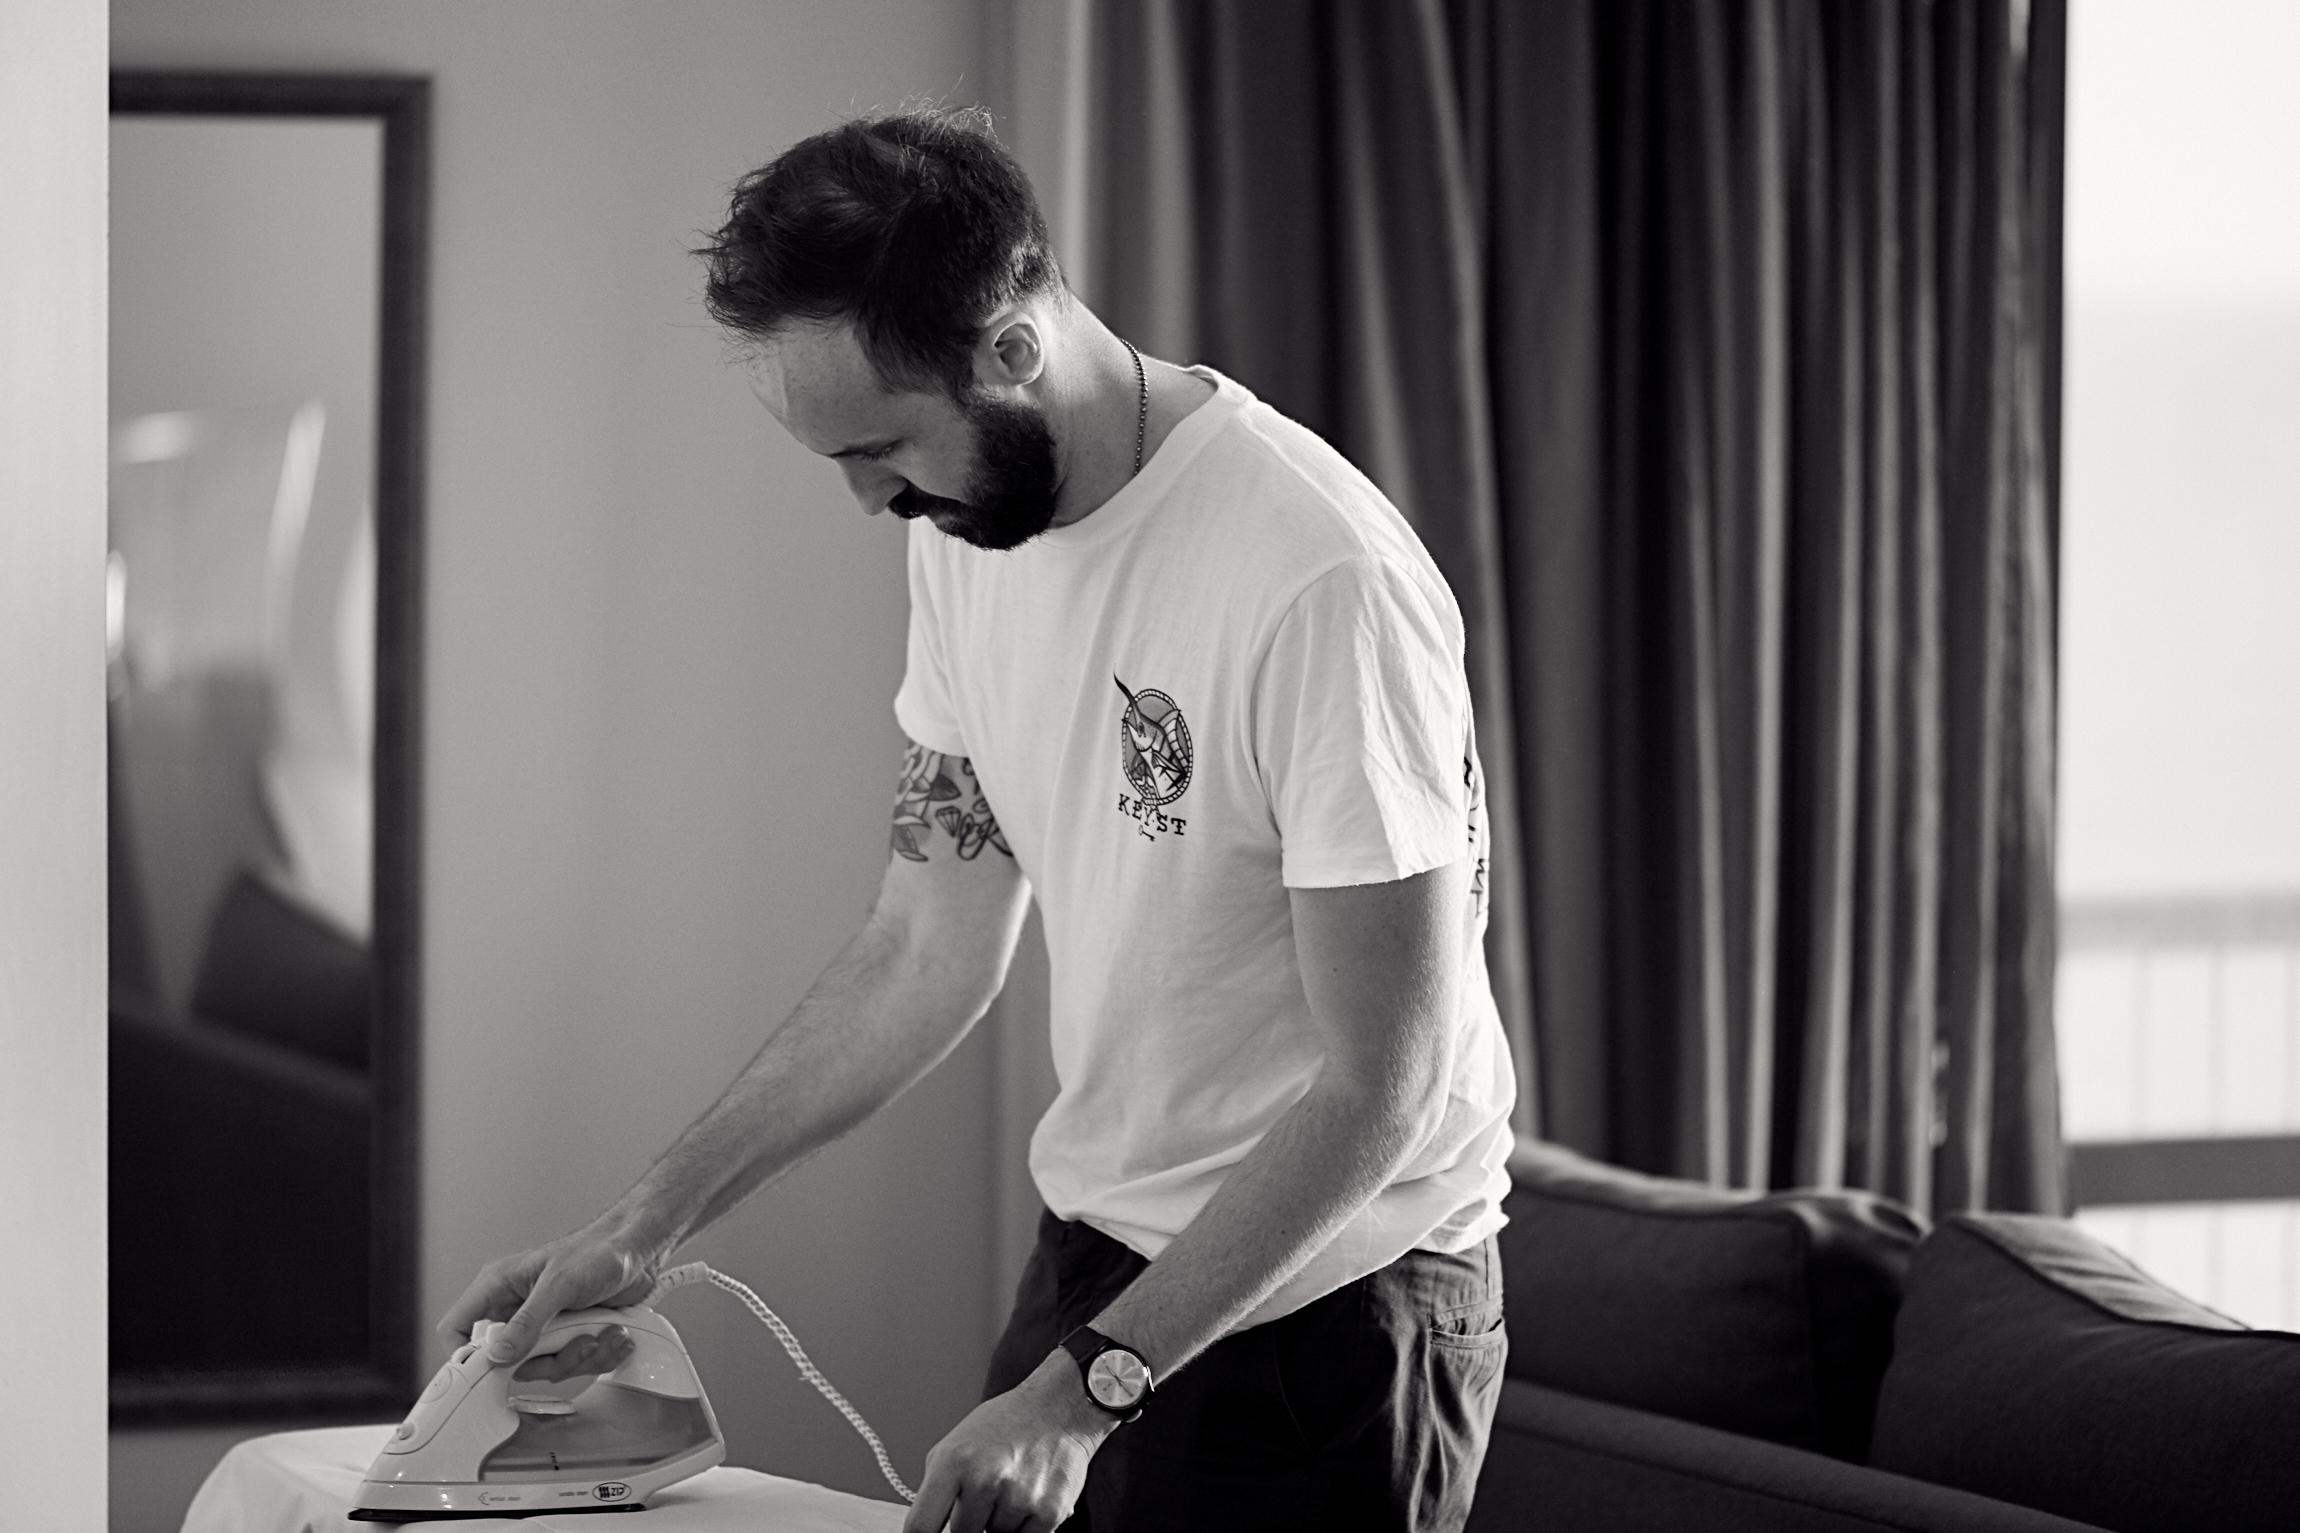 ironing time